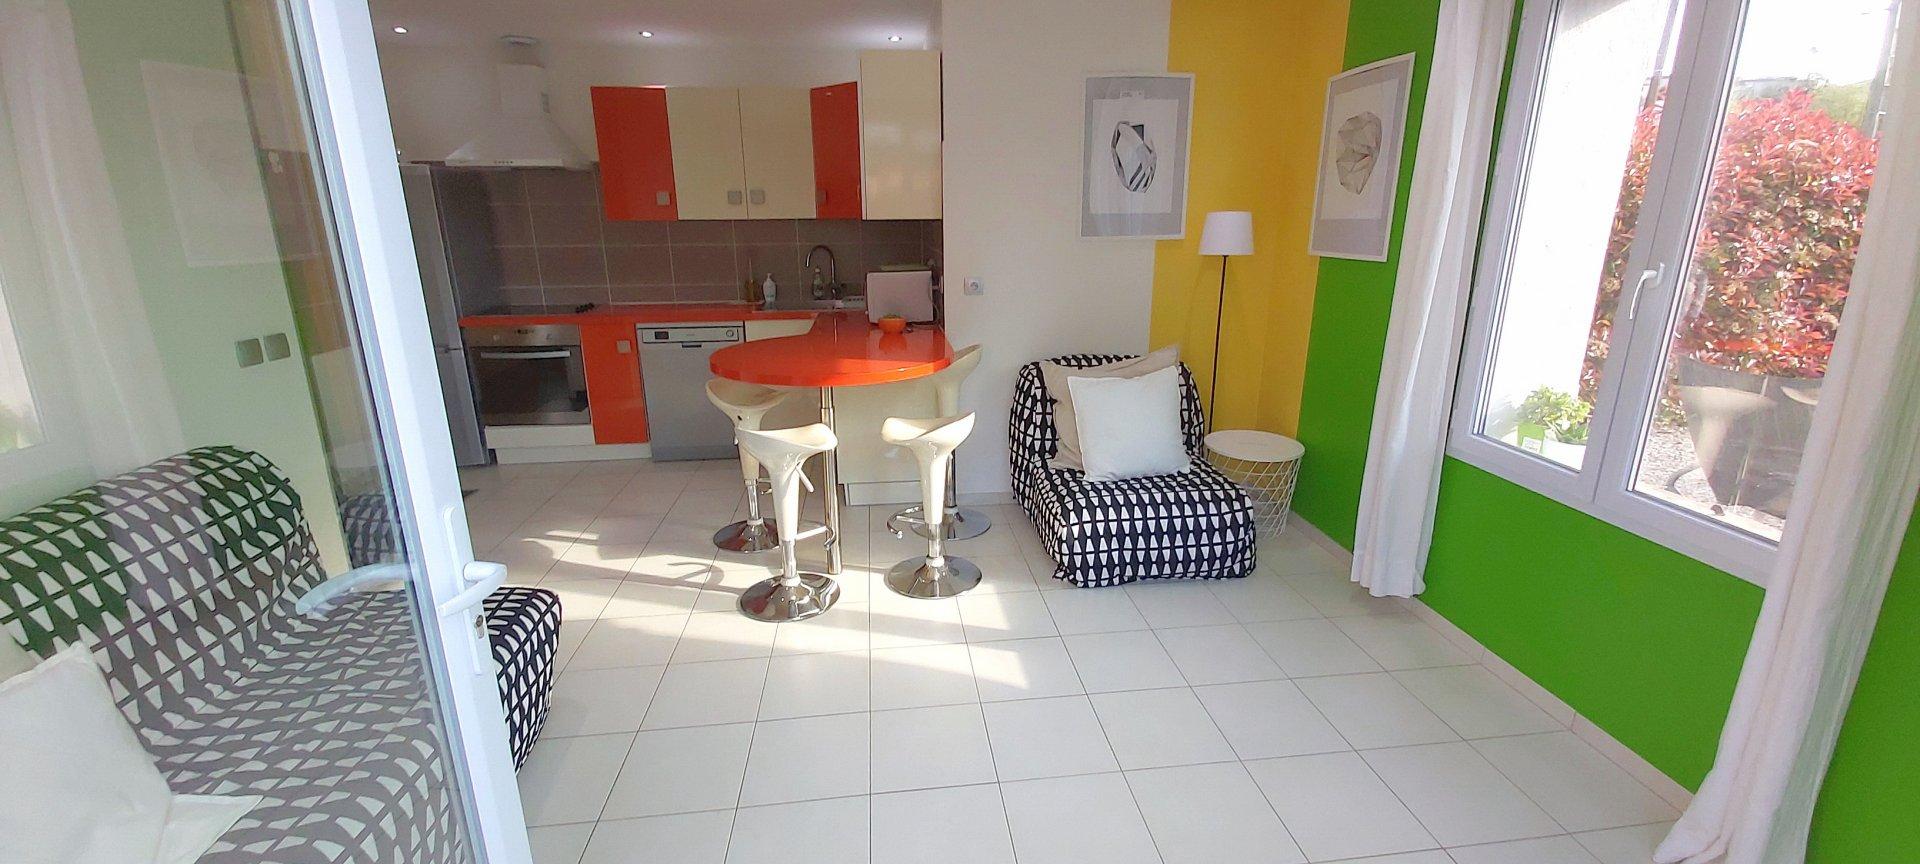 Location Appartement - Biot Village